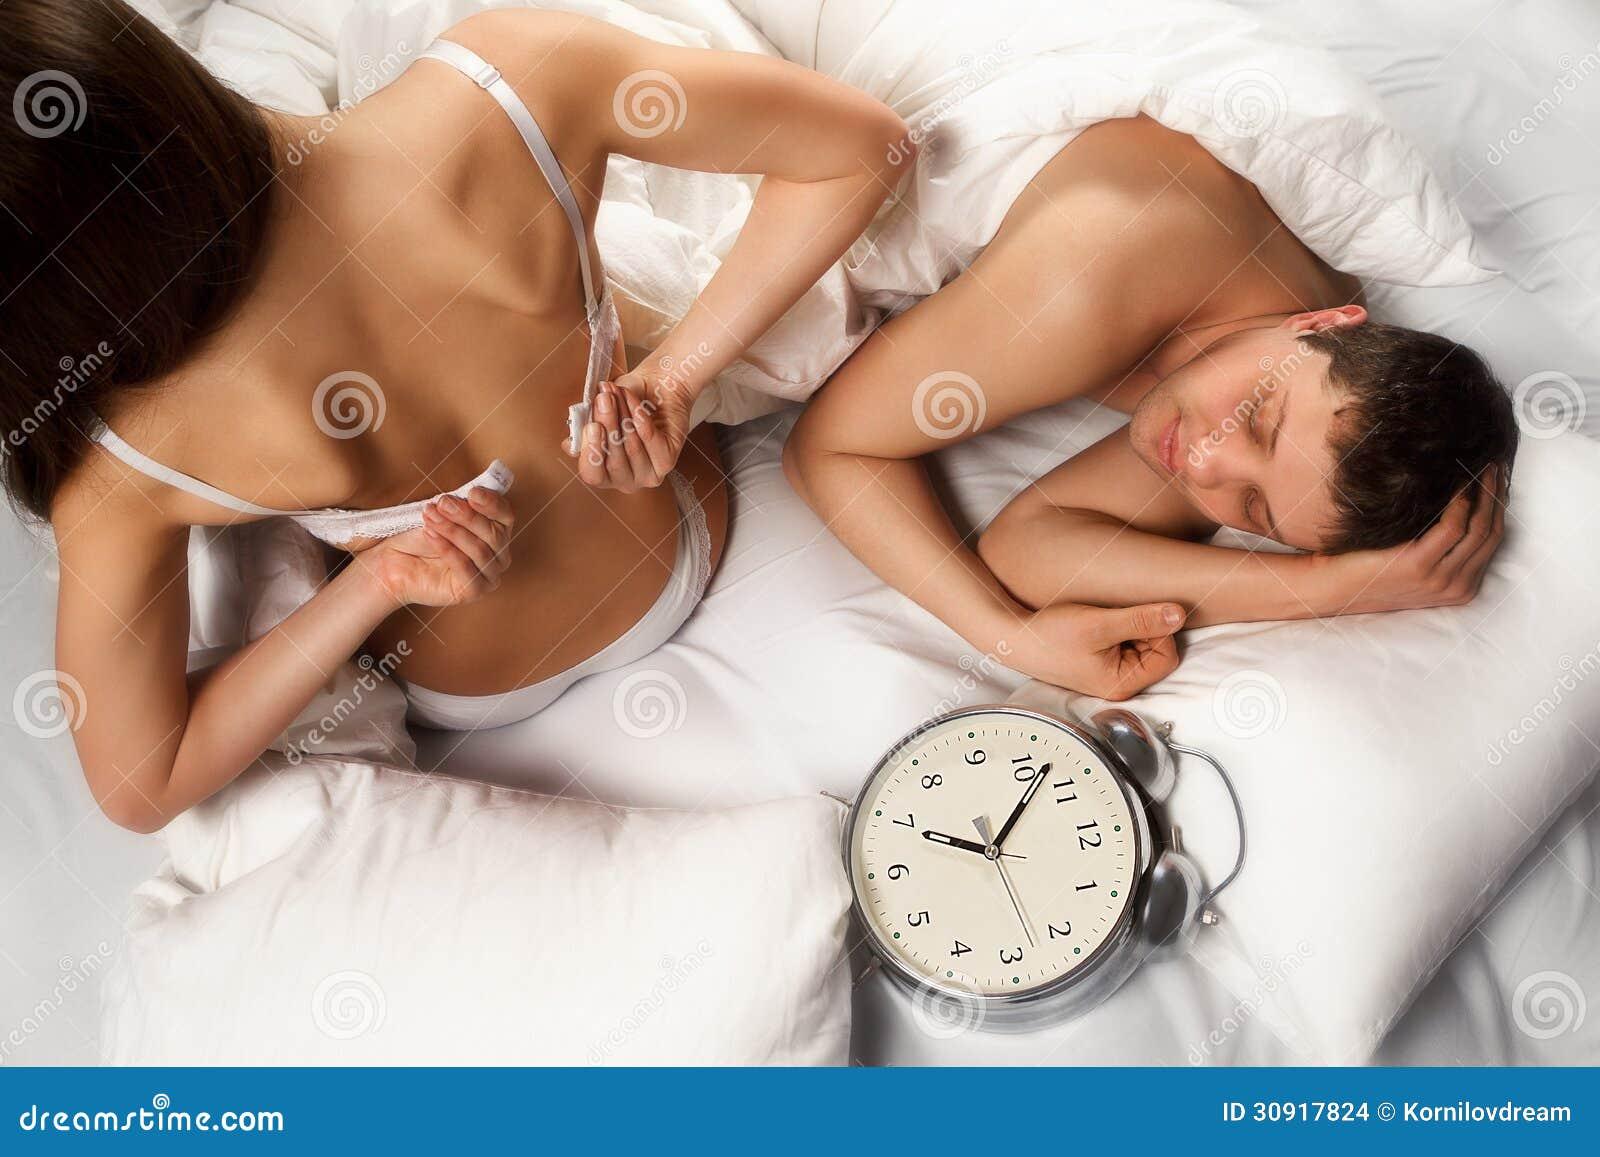 Фото голых девушек заниматься сексом, Порно фото. Красивые секс картинки - ебля и домашние 23 фотография